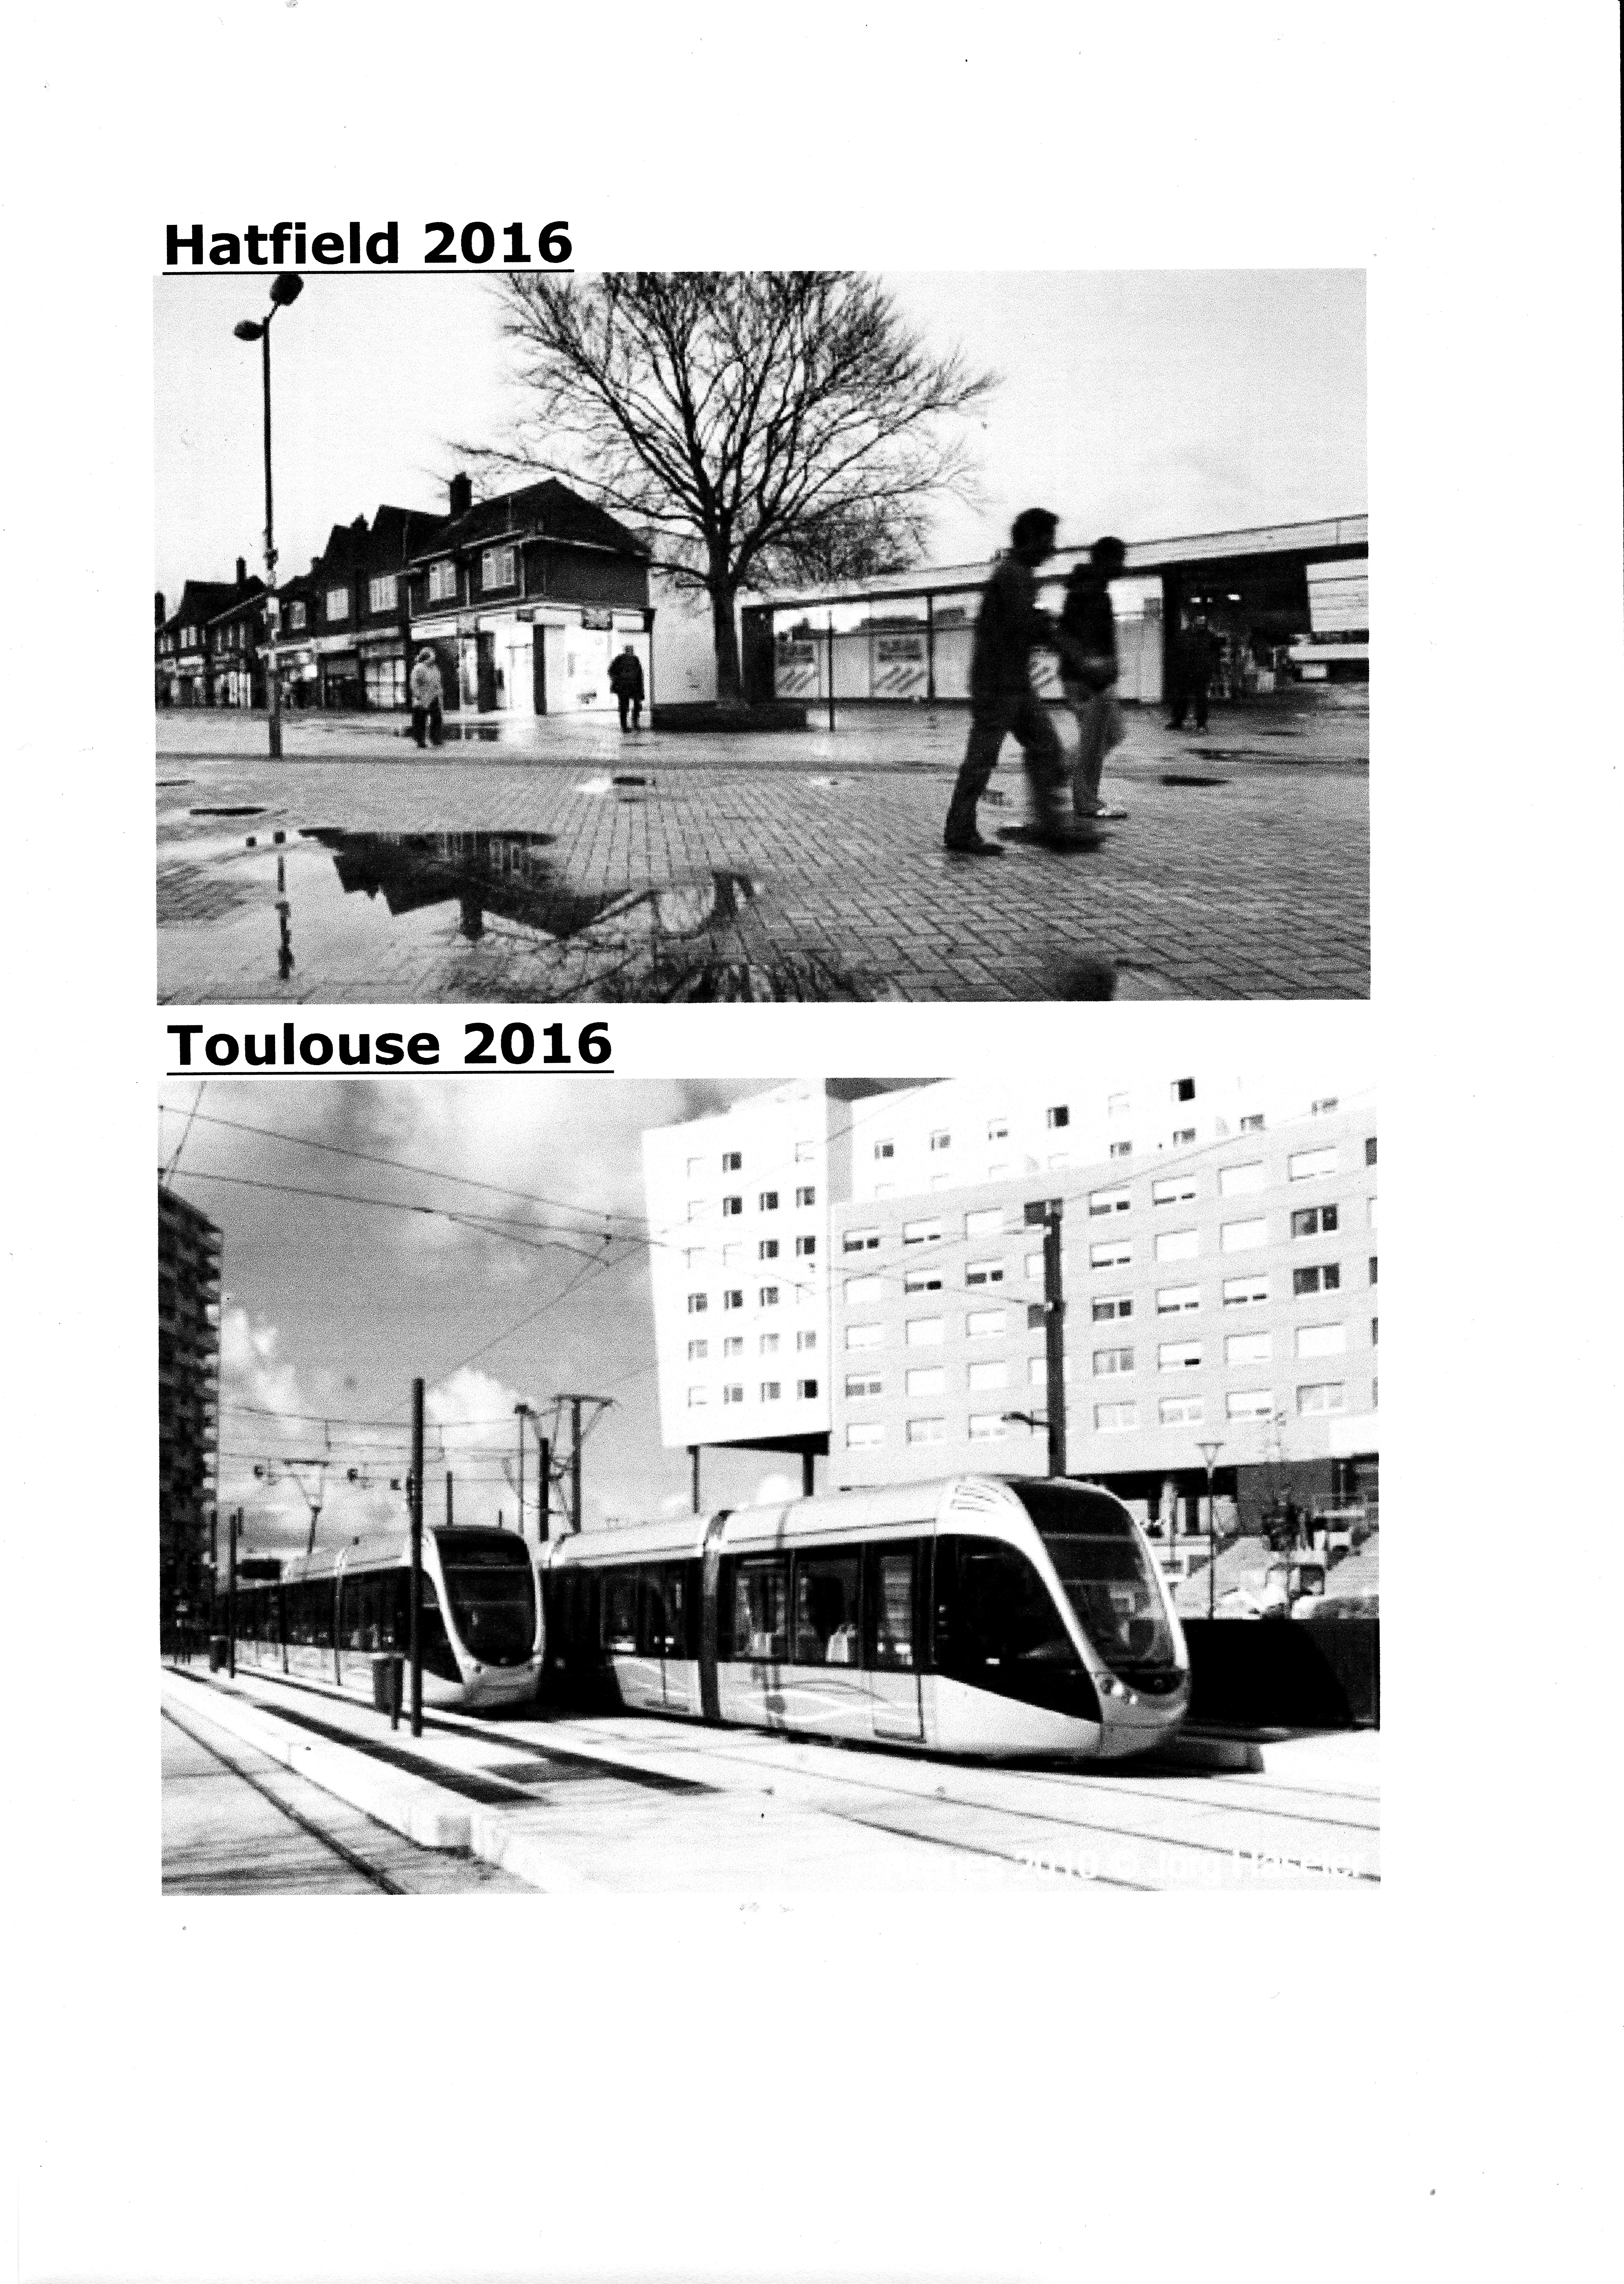 Hatfield_Toulouse_BW_160330.jpg